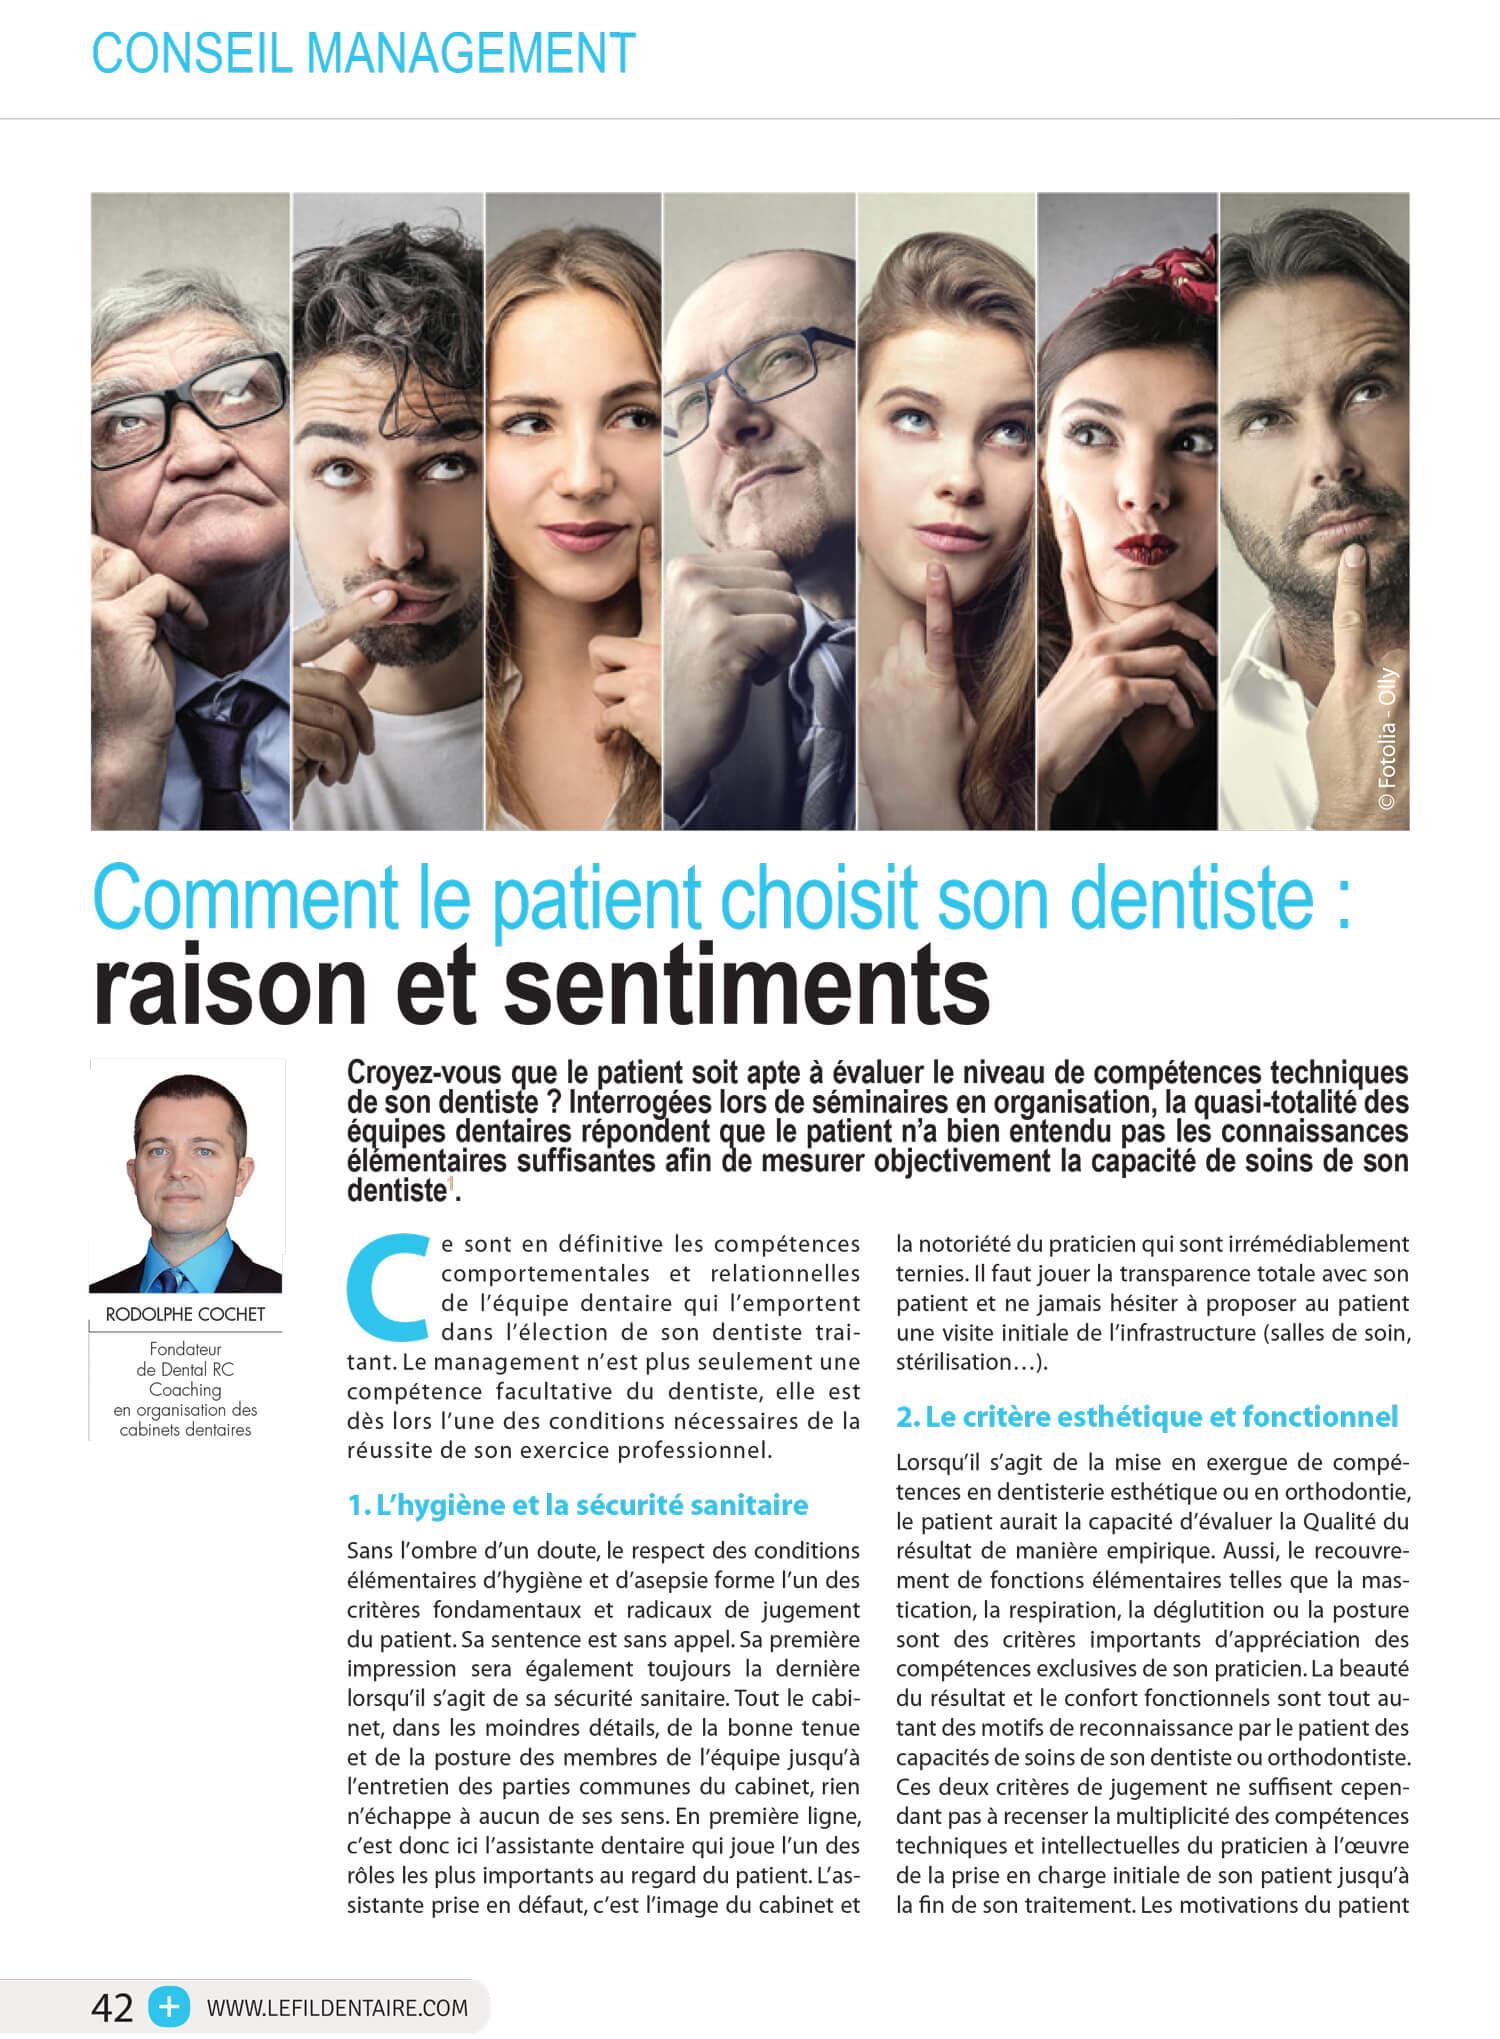 Comment_le_patient_choisit_son_dentiste,_par_Rodolphe_Cochet.jpg